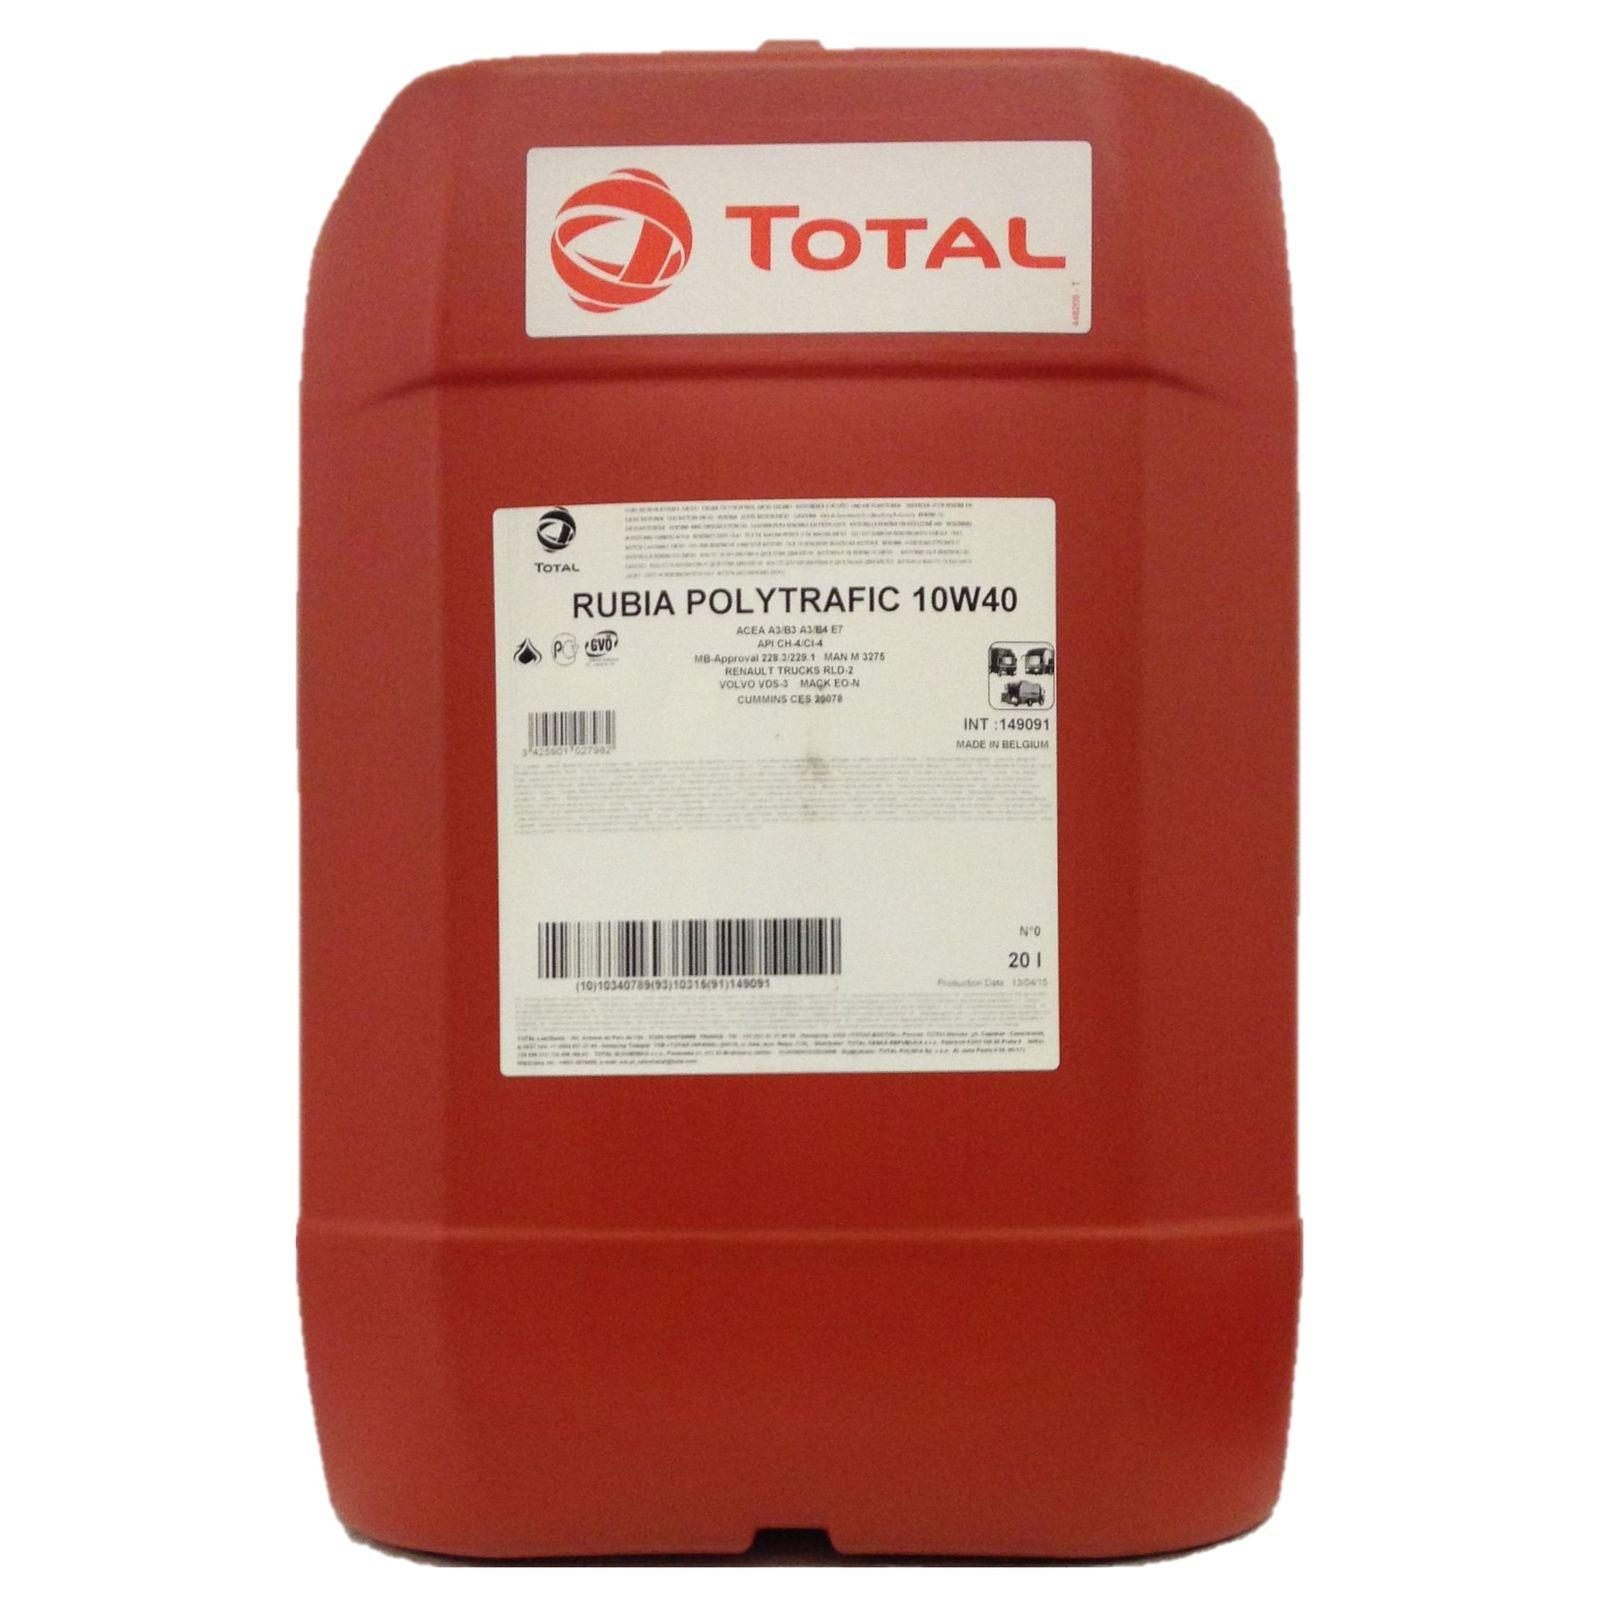 20 Liter Total Rubia Polytrafic 10W-40 teilsynthetisches Leichtlaufmotorenöl